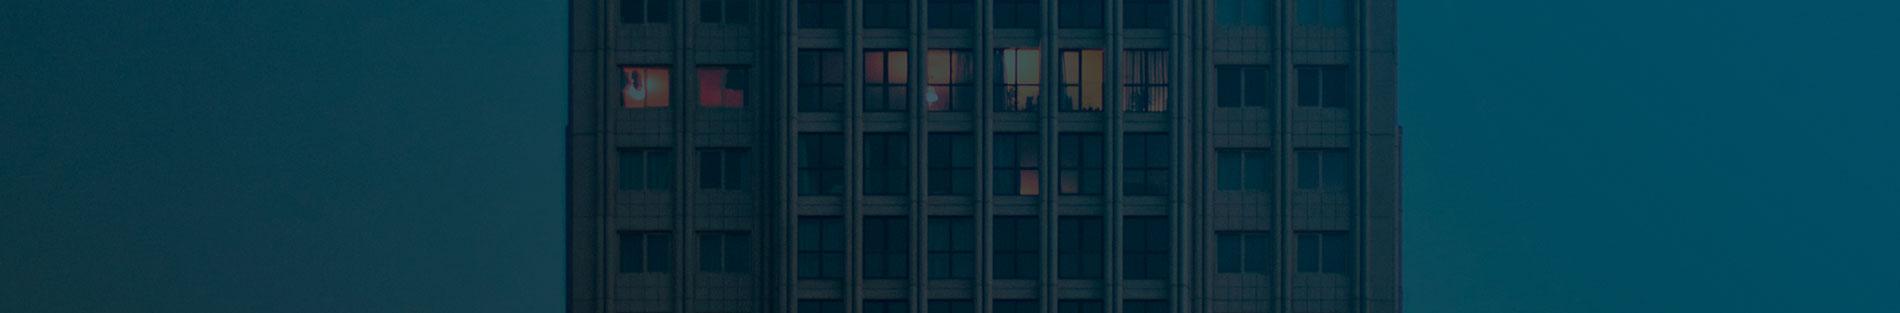 Чтобы узнать все детали о квартирах Вы можете: